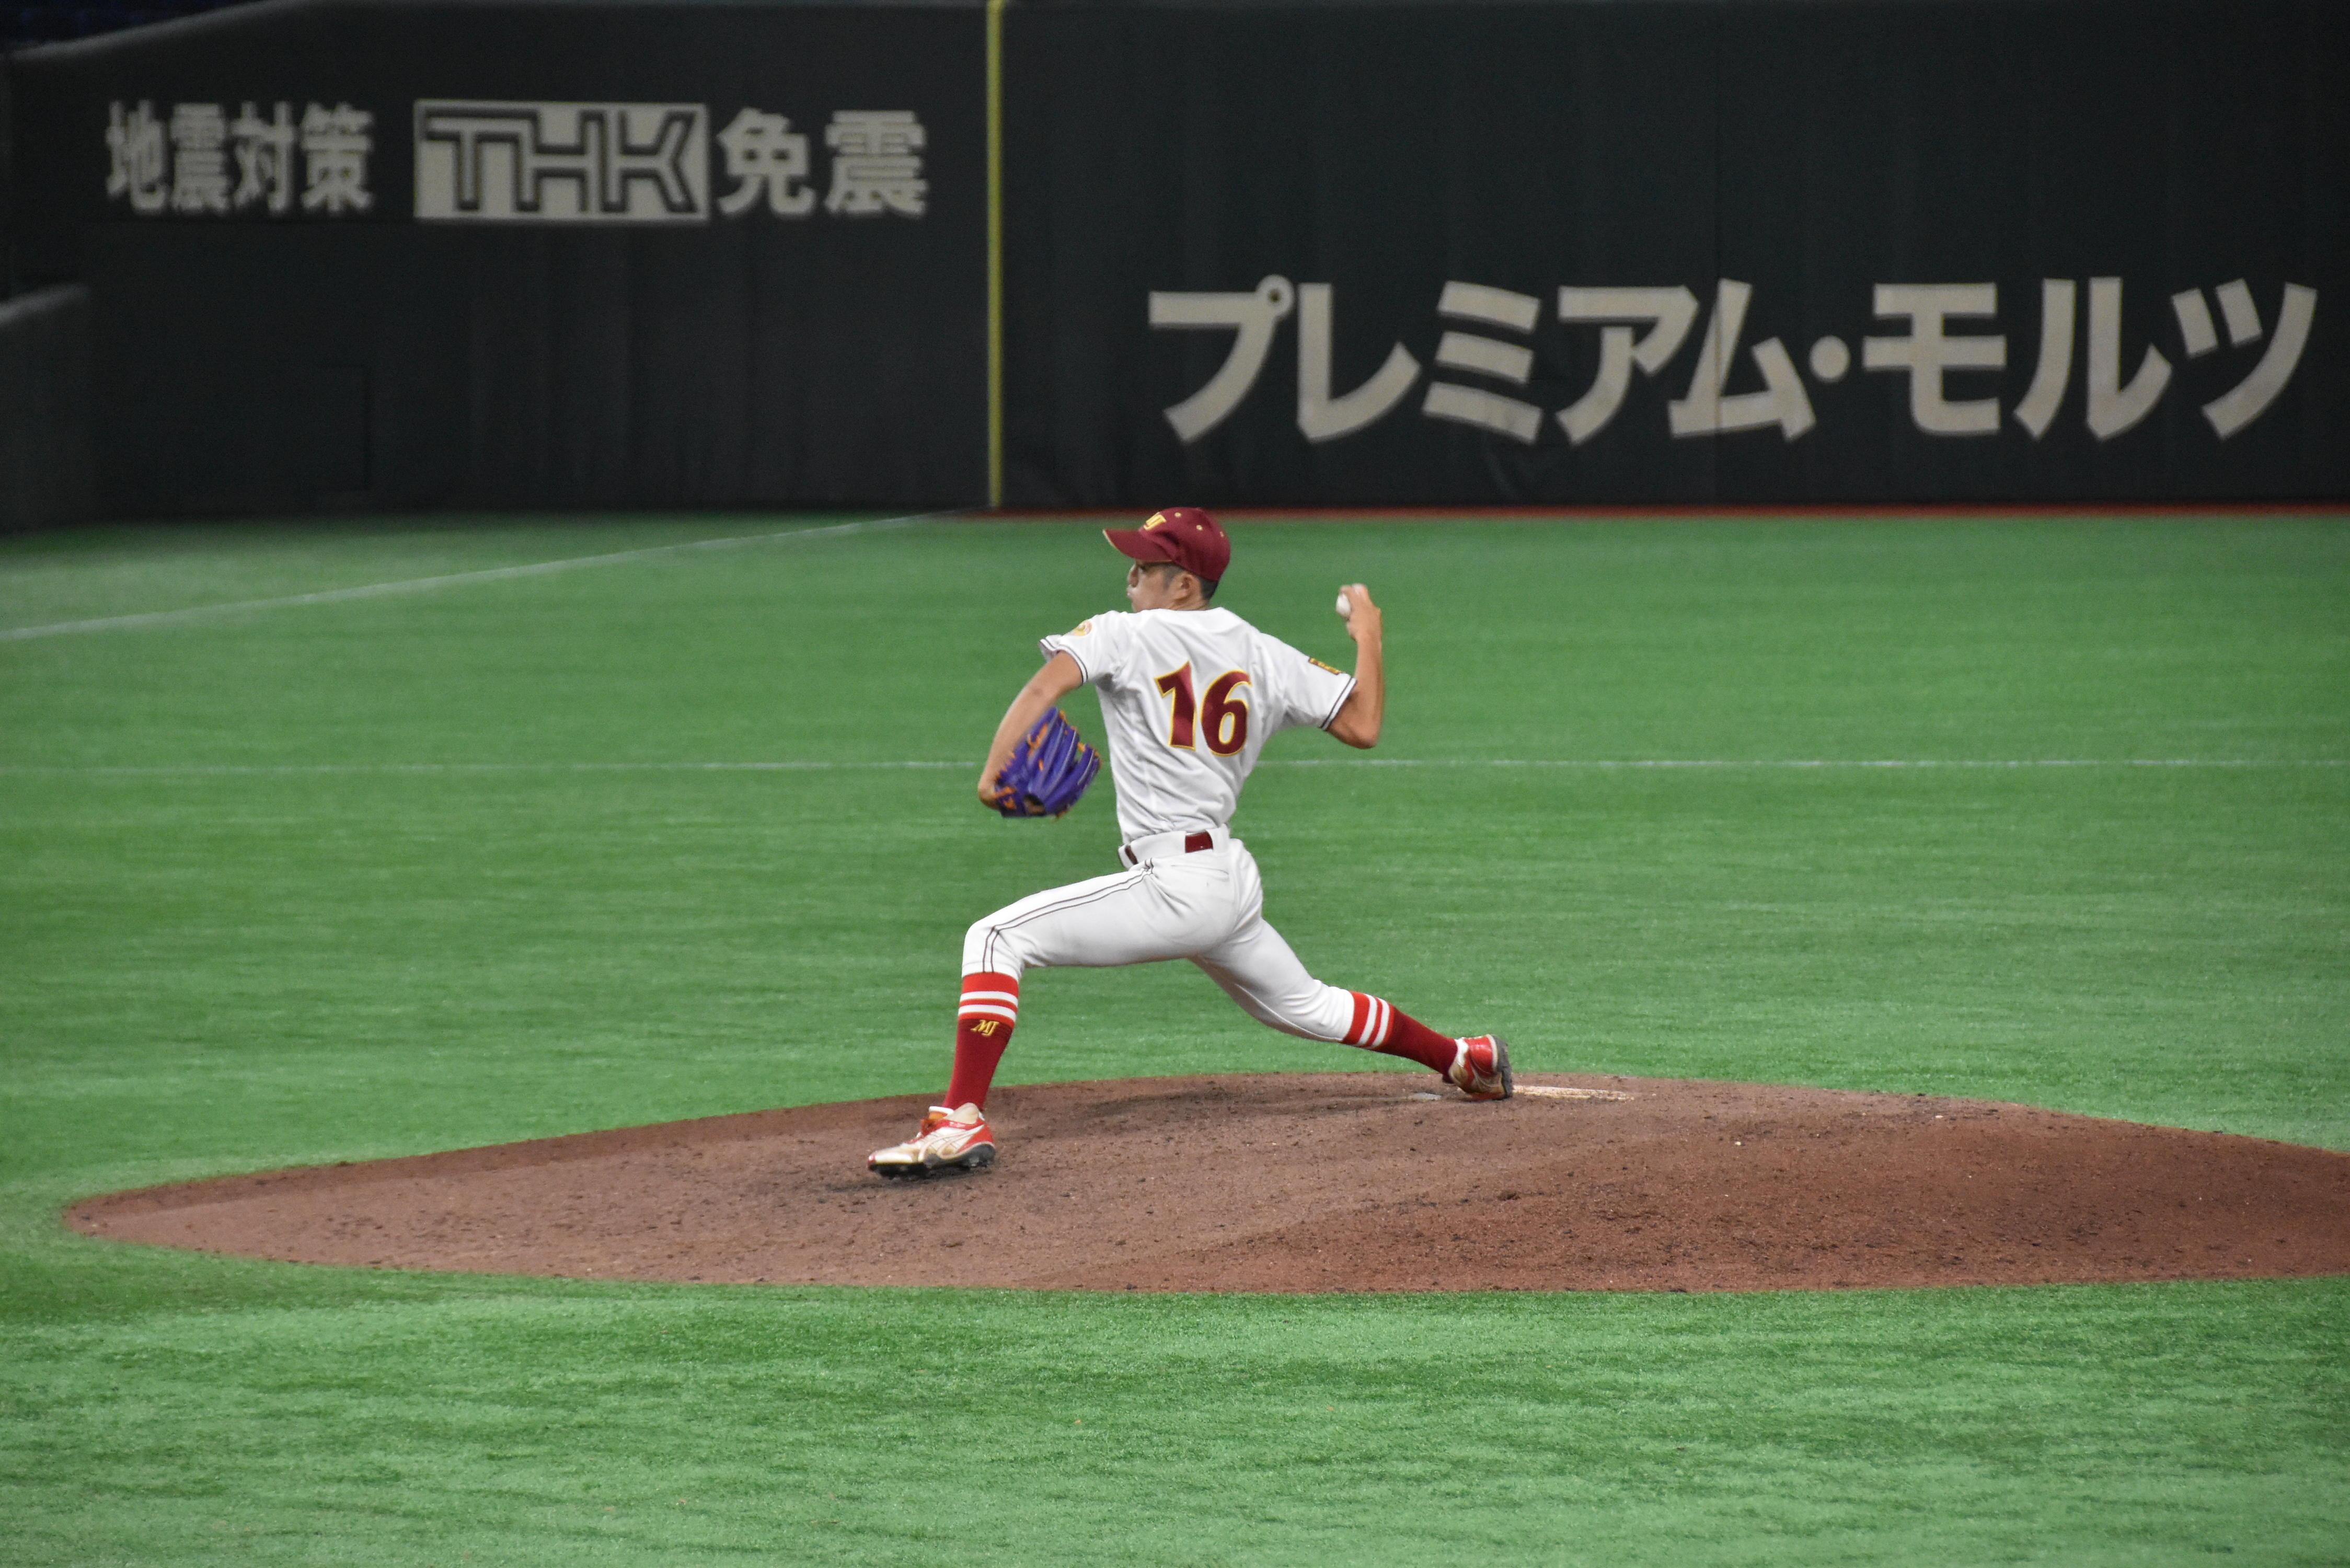 2回戦で中継ぎとして好投した眞田拓投手(人間学部3年)=東京ドームで